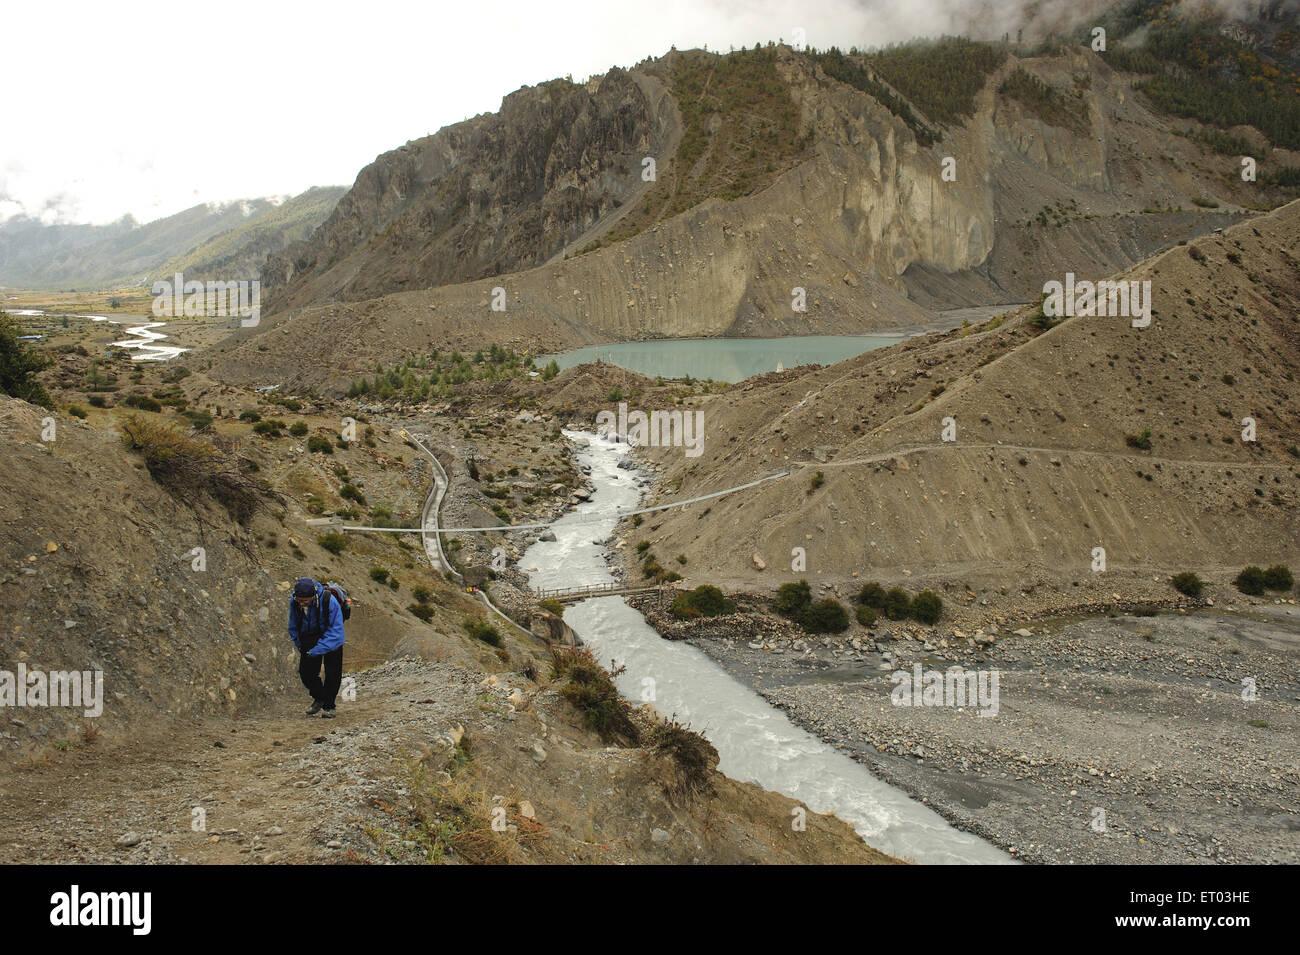 Trekker ; Manag ; Nepal - Stock Image